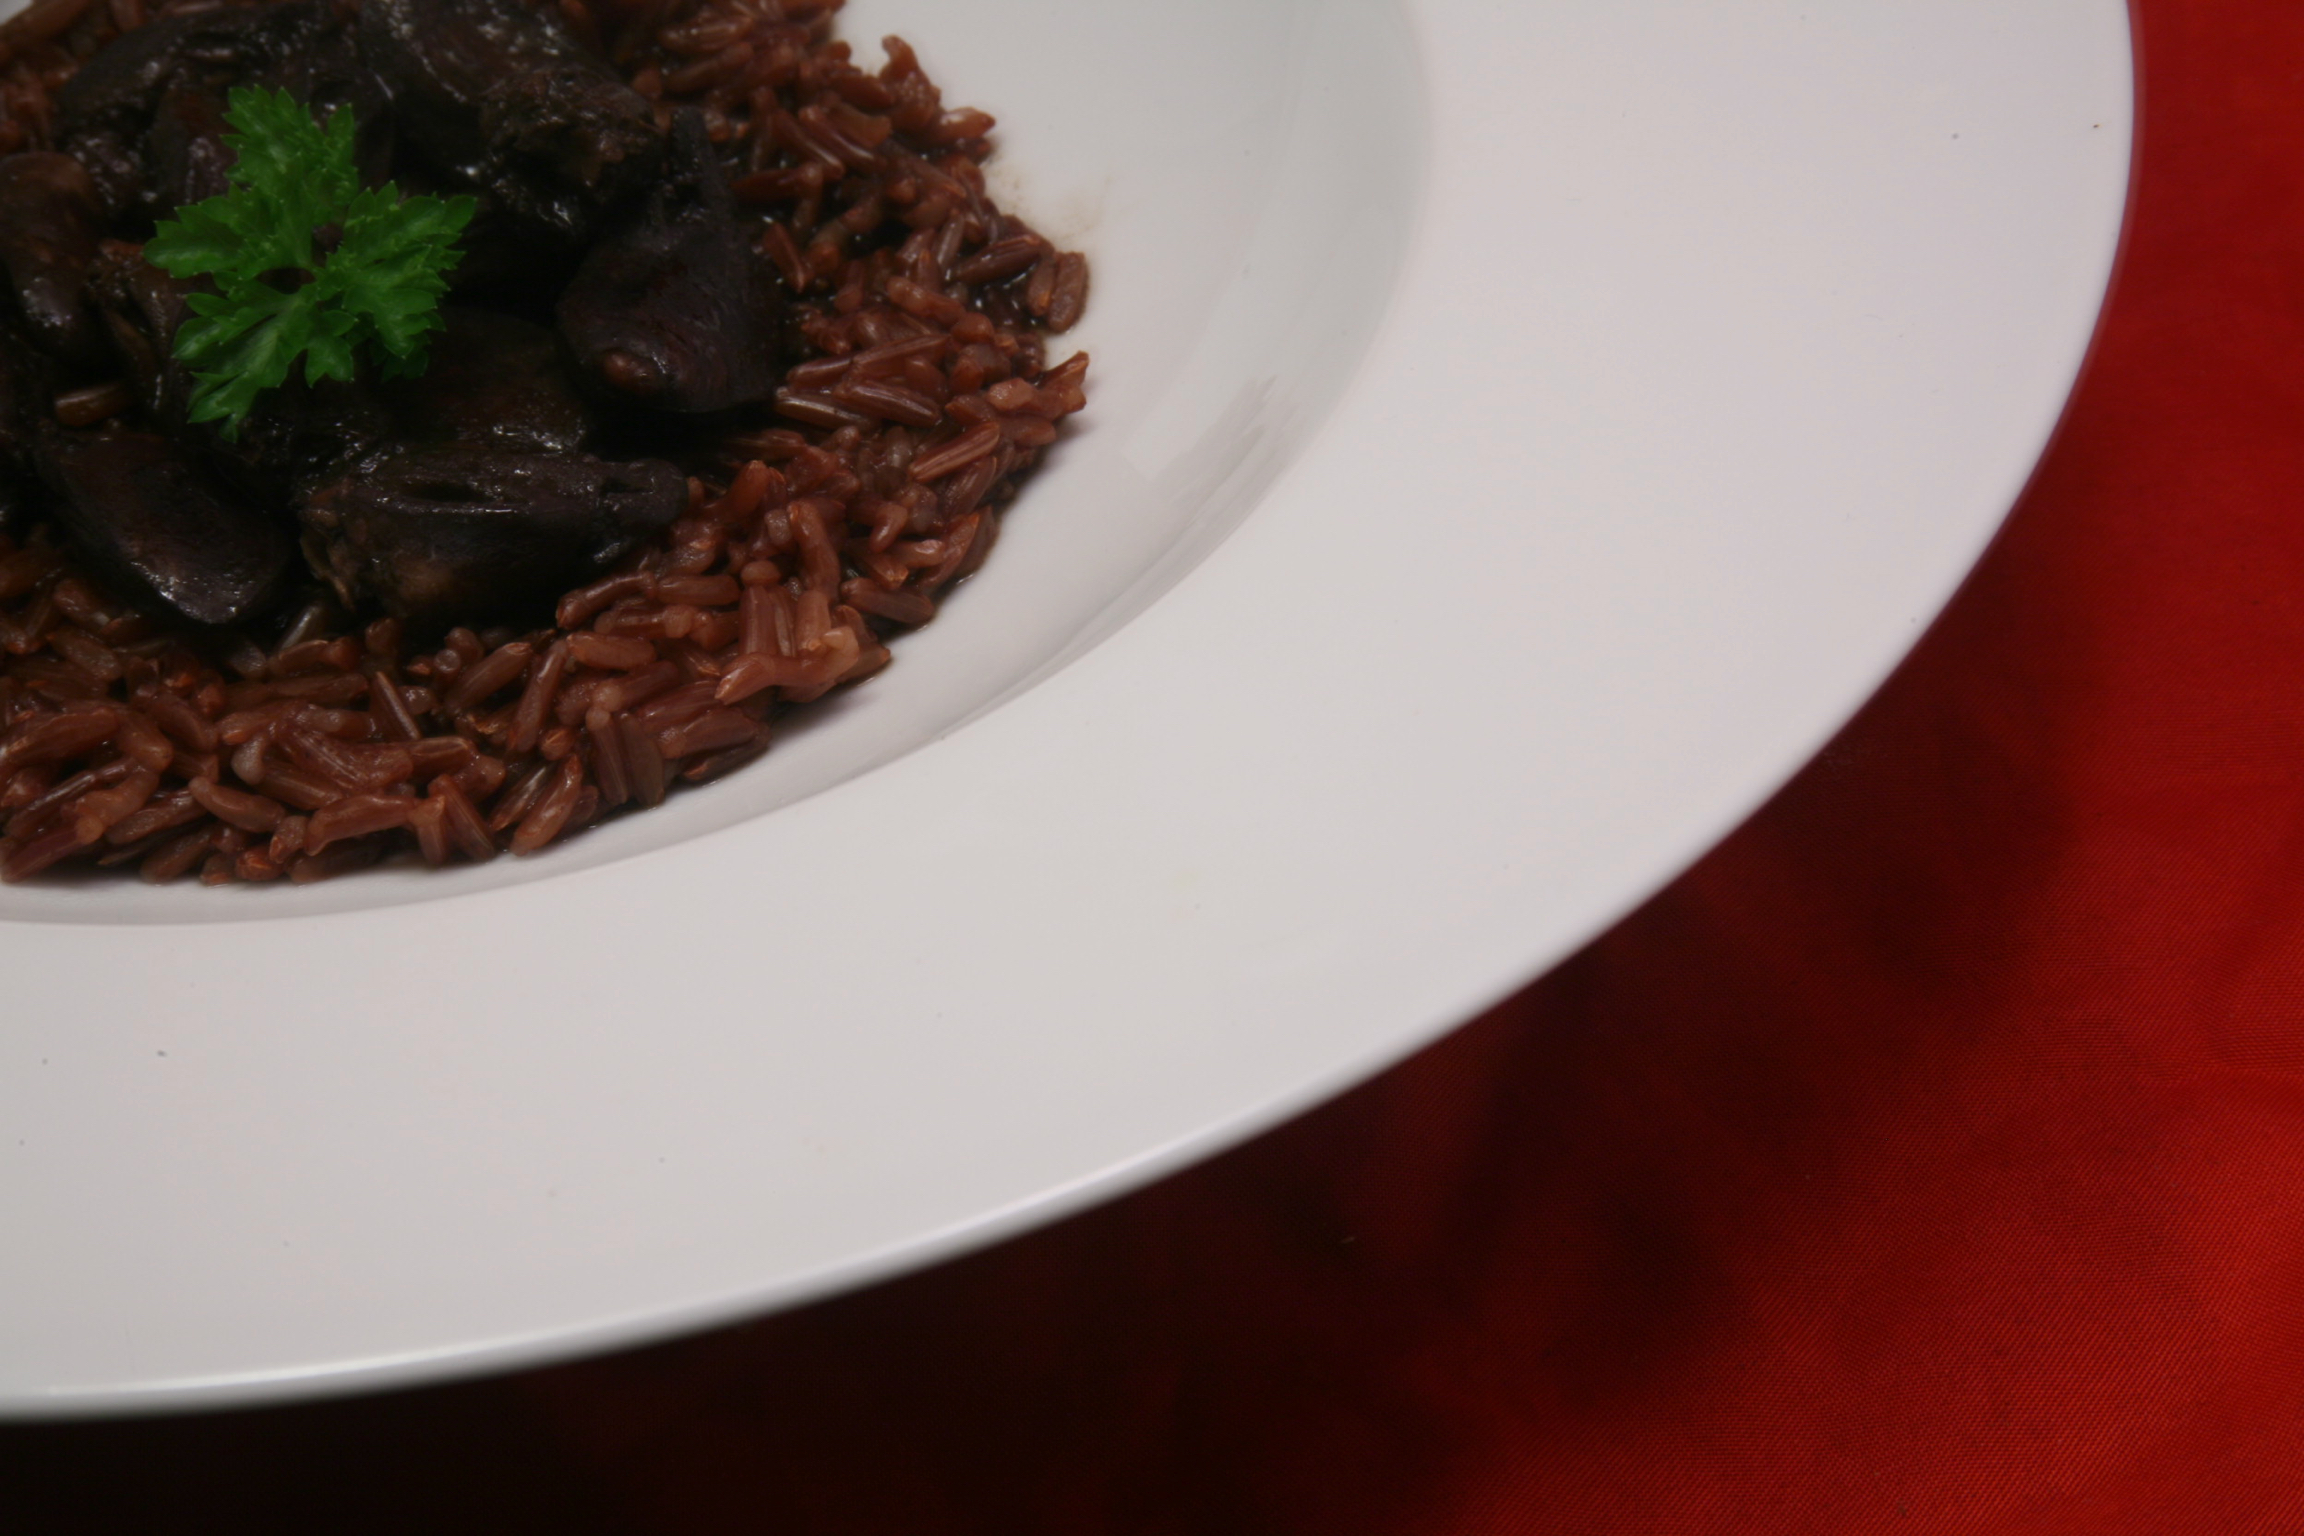 Hähnchenherzen mit rotem Vollkorn-Reis